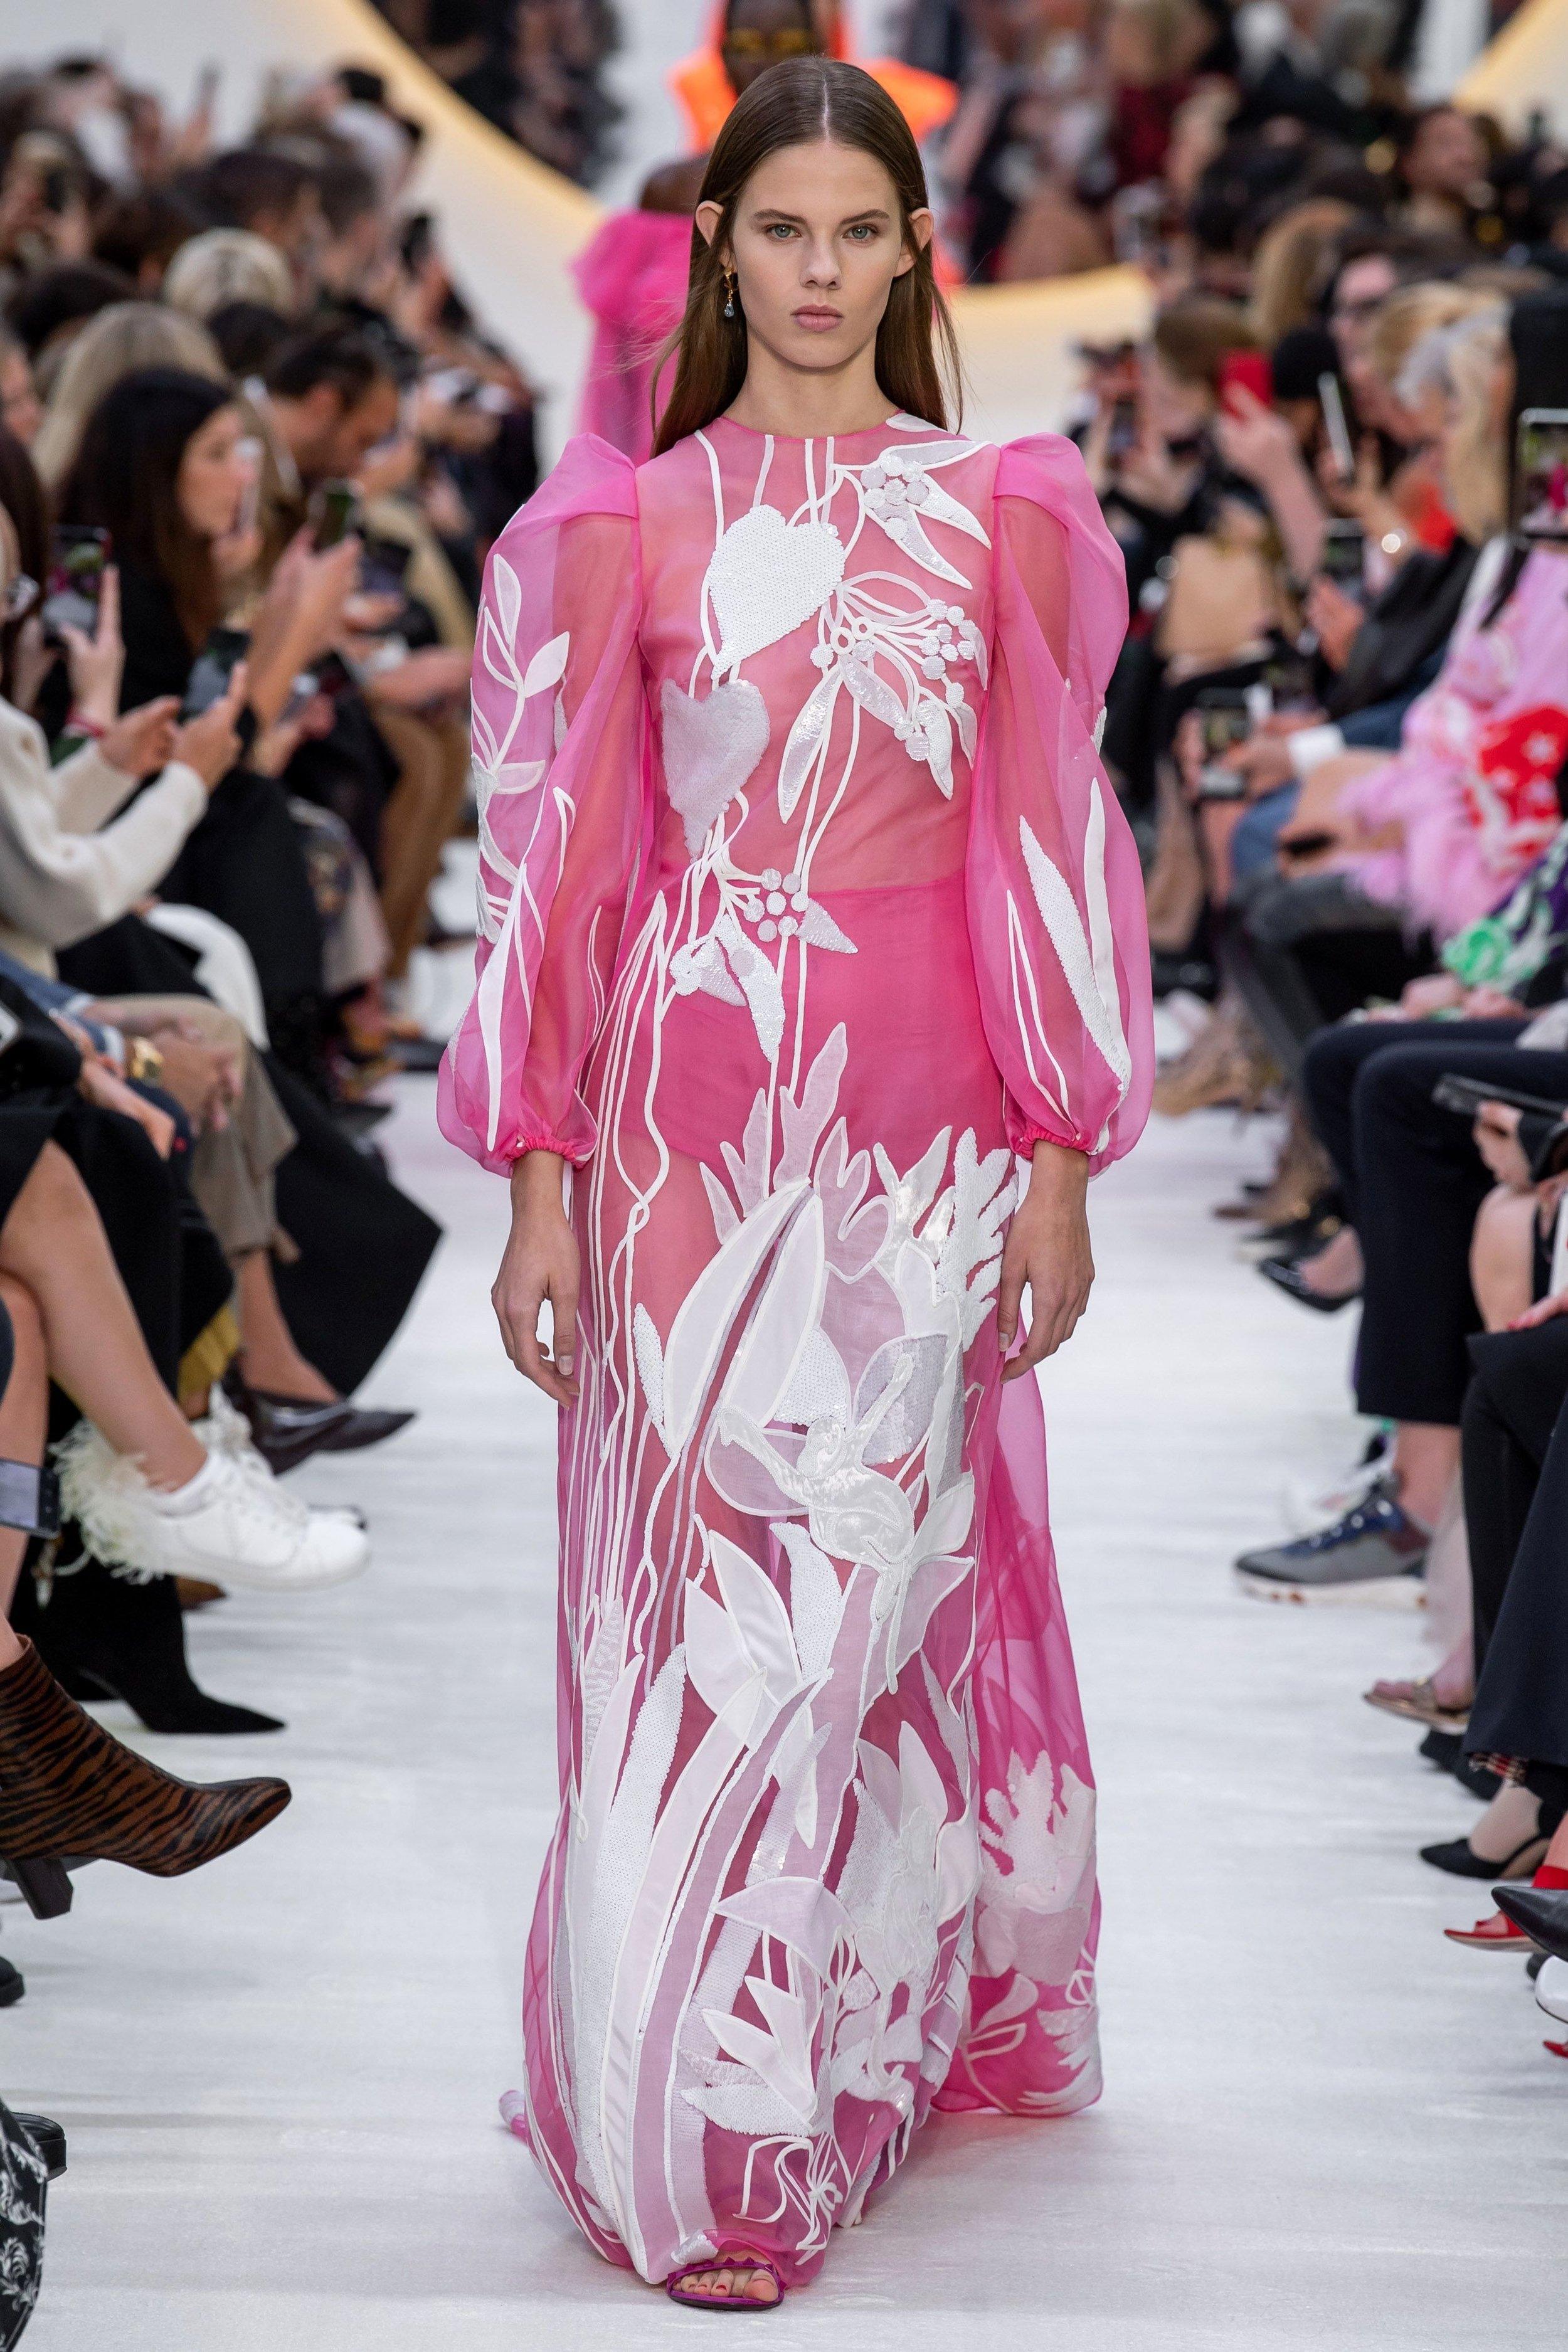 psychology_of_fashion.jpg